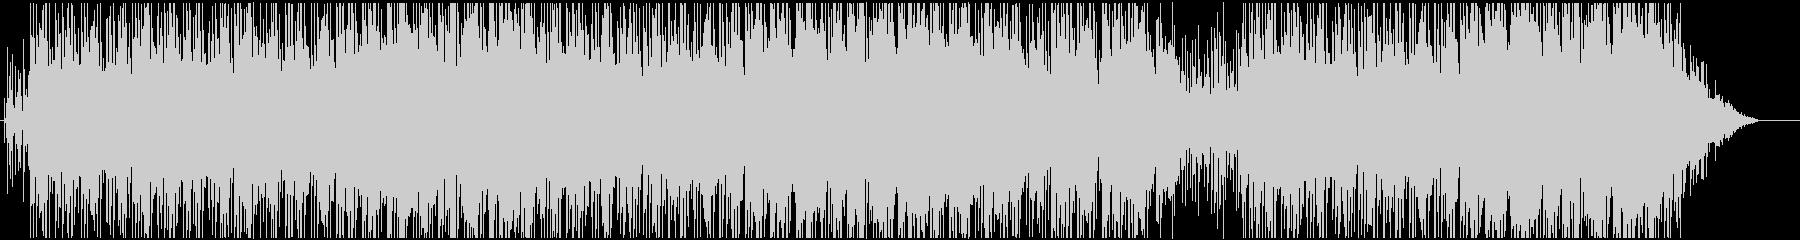 レゲェとヒップホップのクロスオーバーの未再生の波形